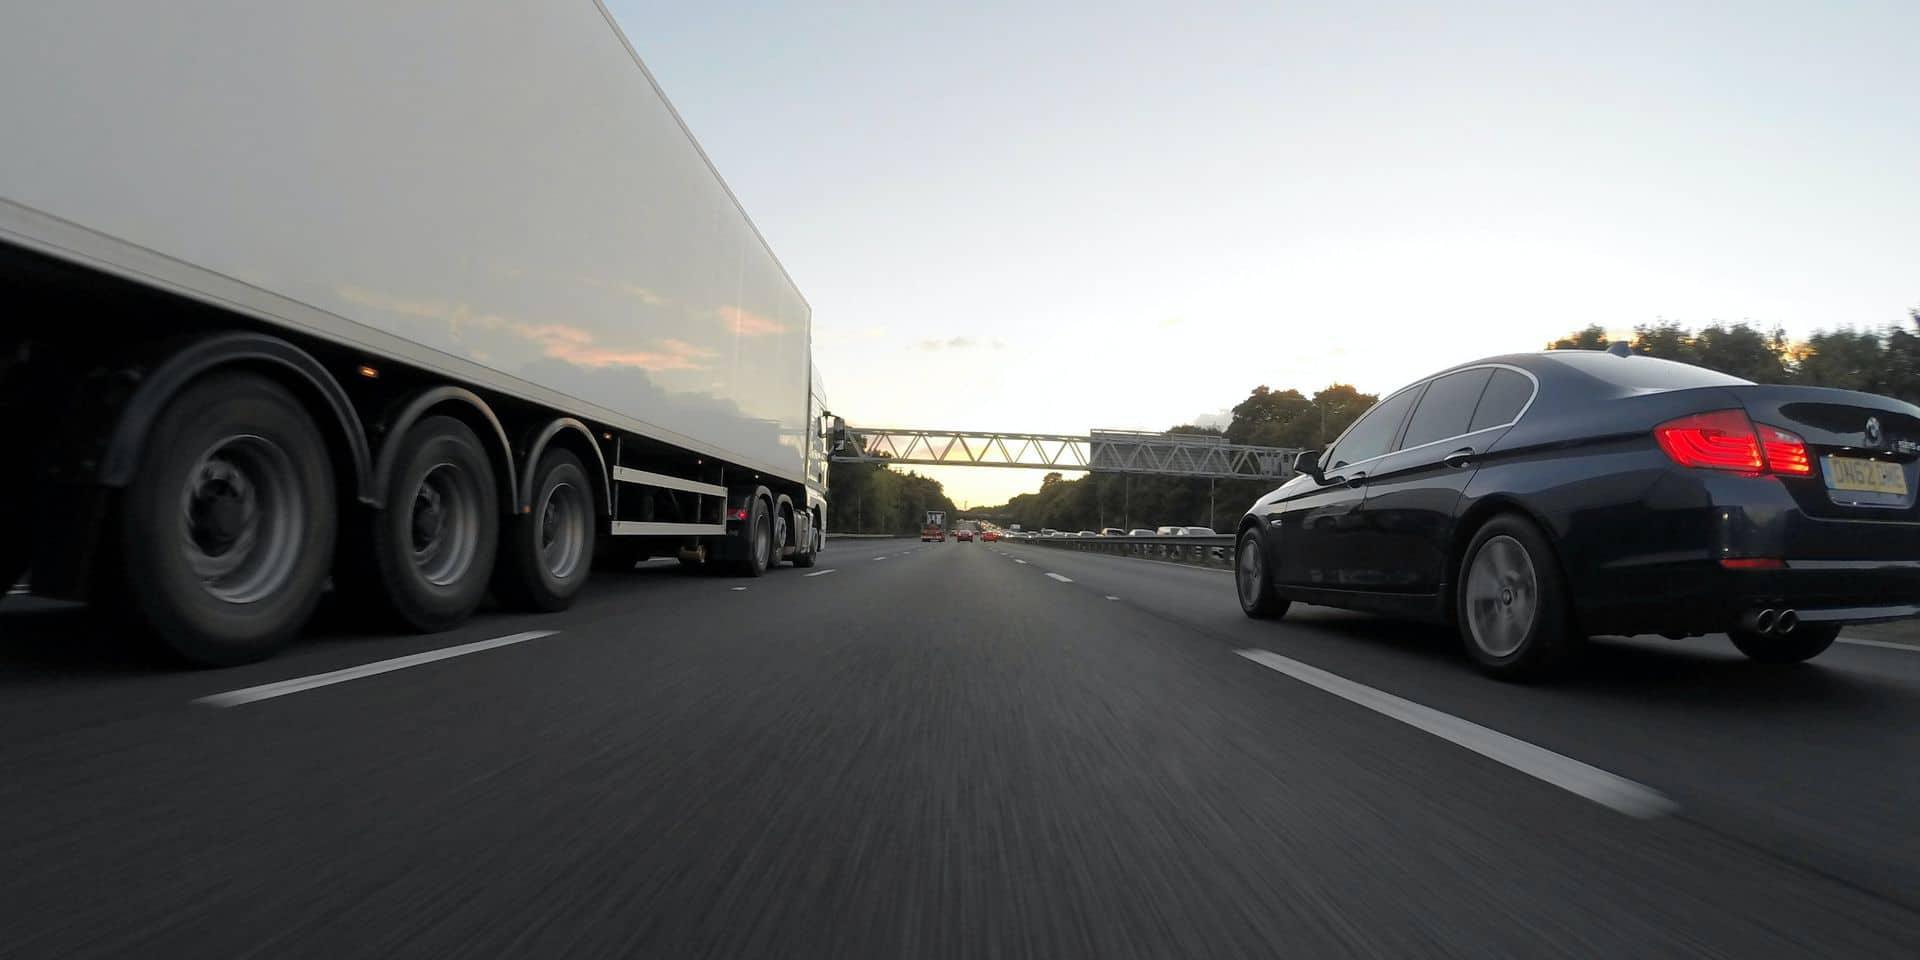 Transport routier : de nouvelles règles pour lutter contre le dumping social